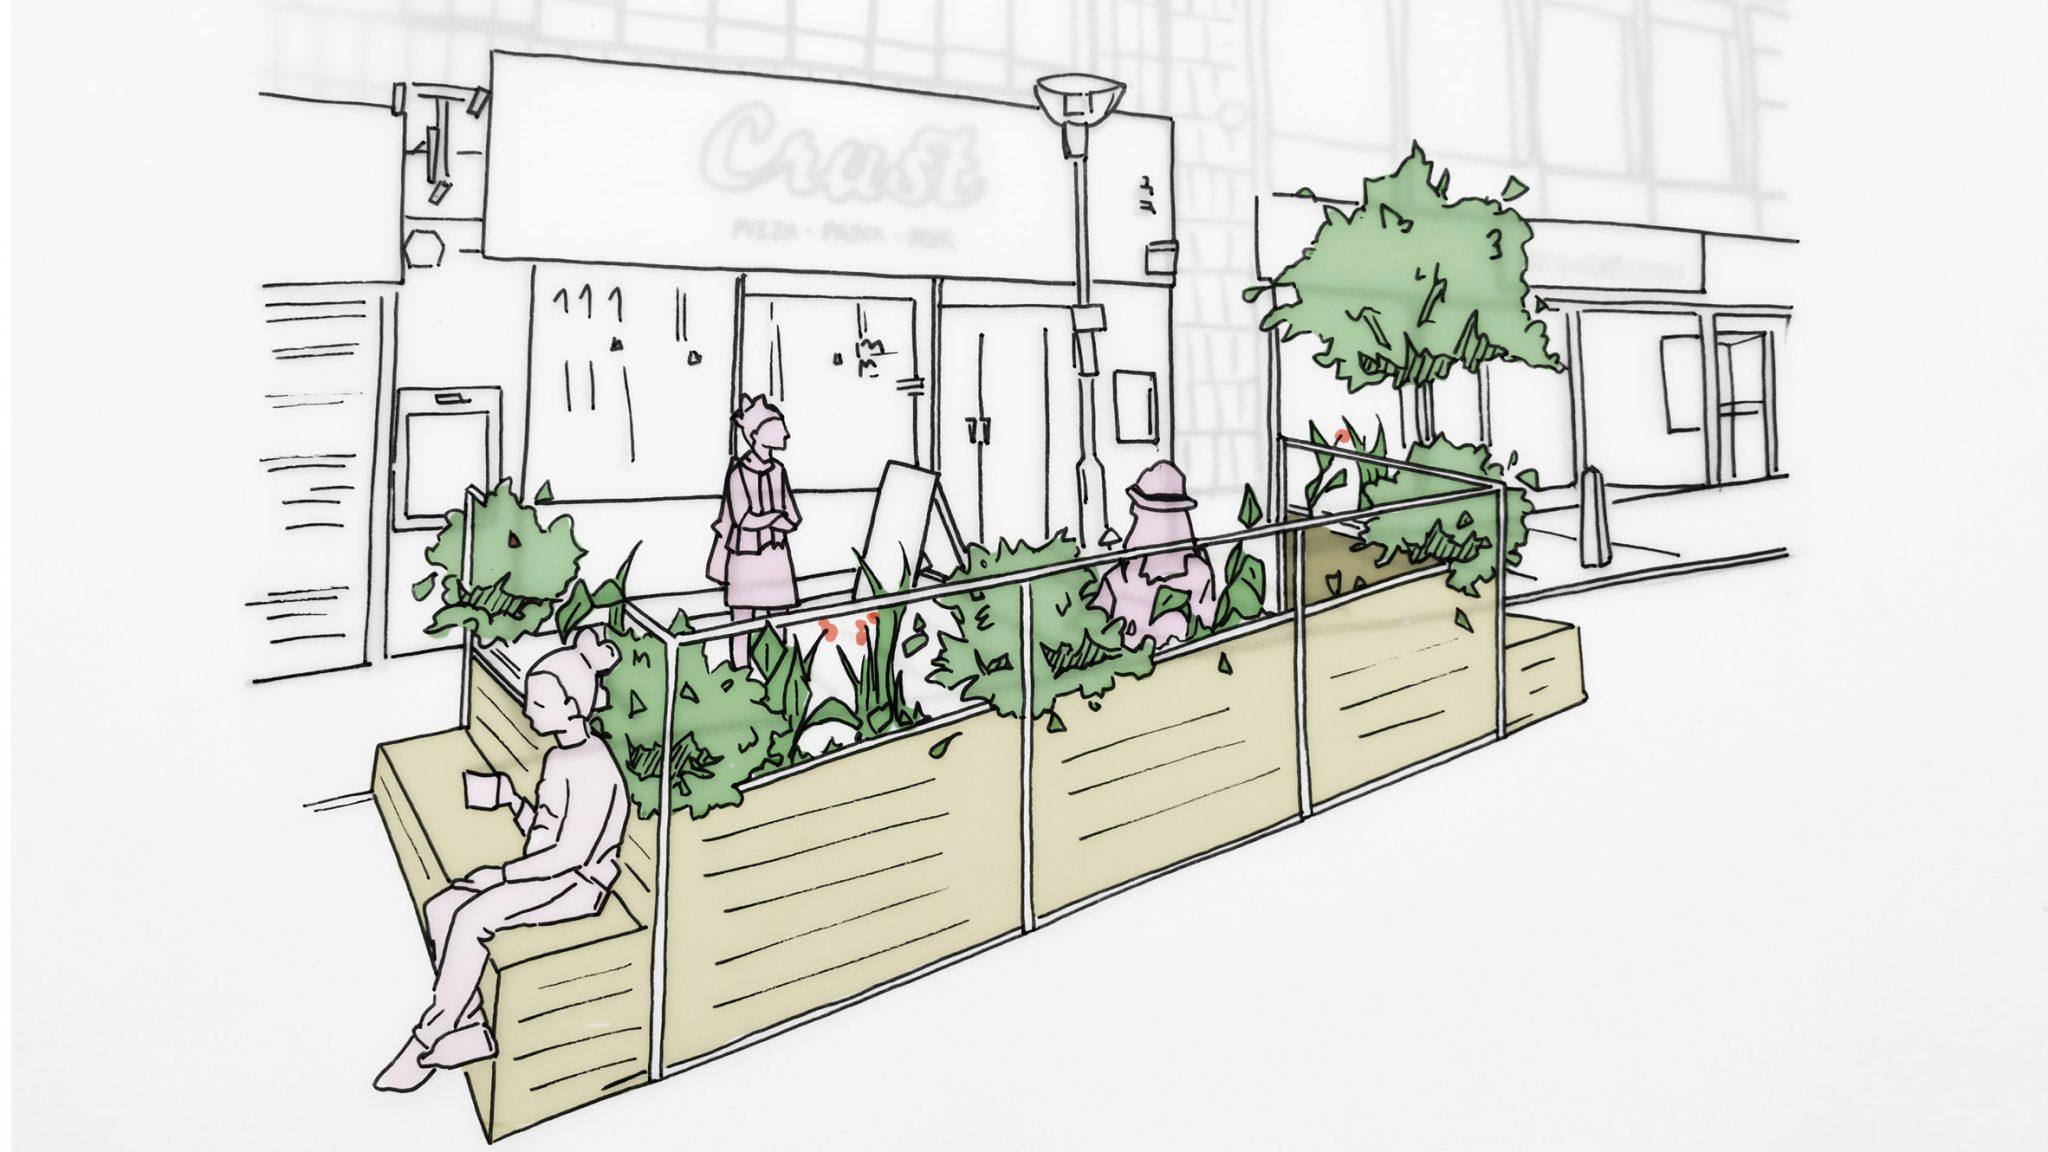 아룹, 사회적거리두기 방안으로 '파크렛' 디자인